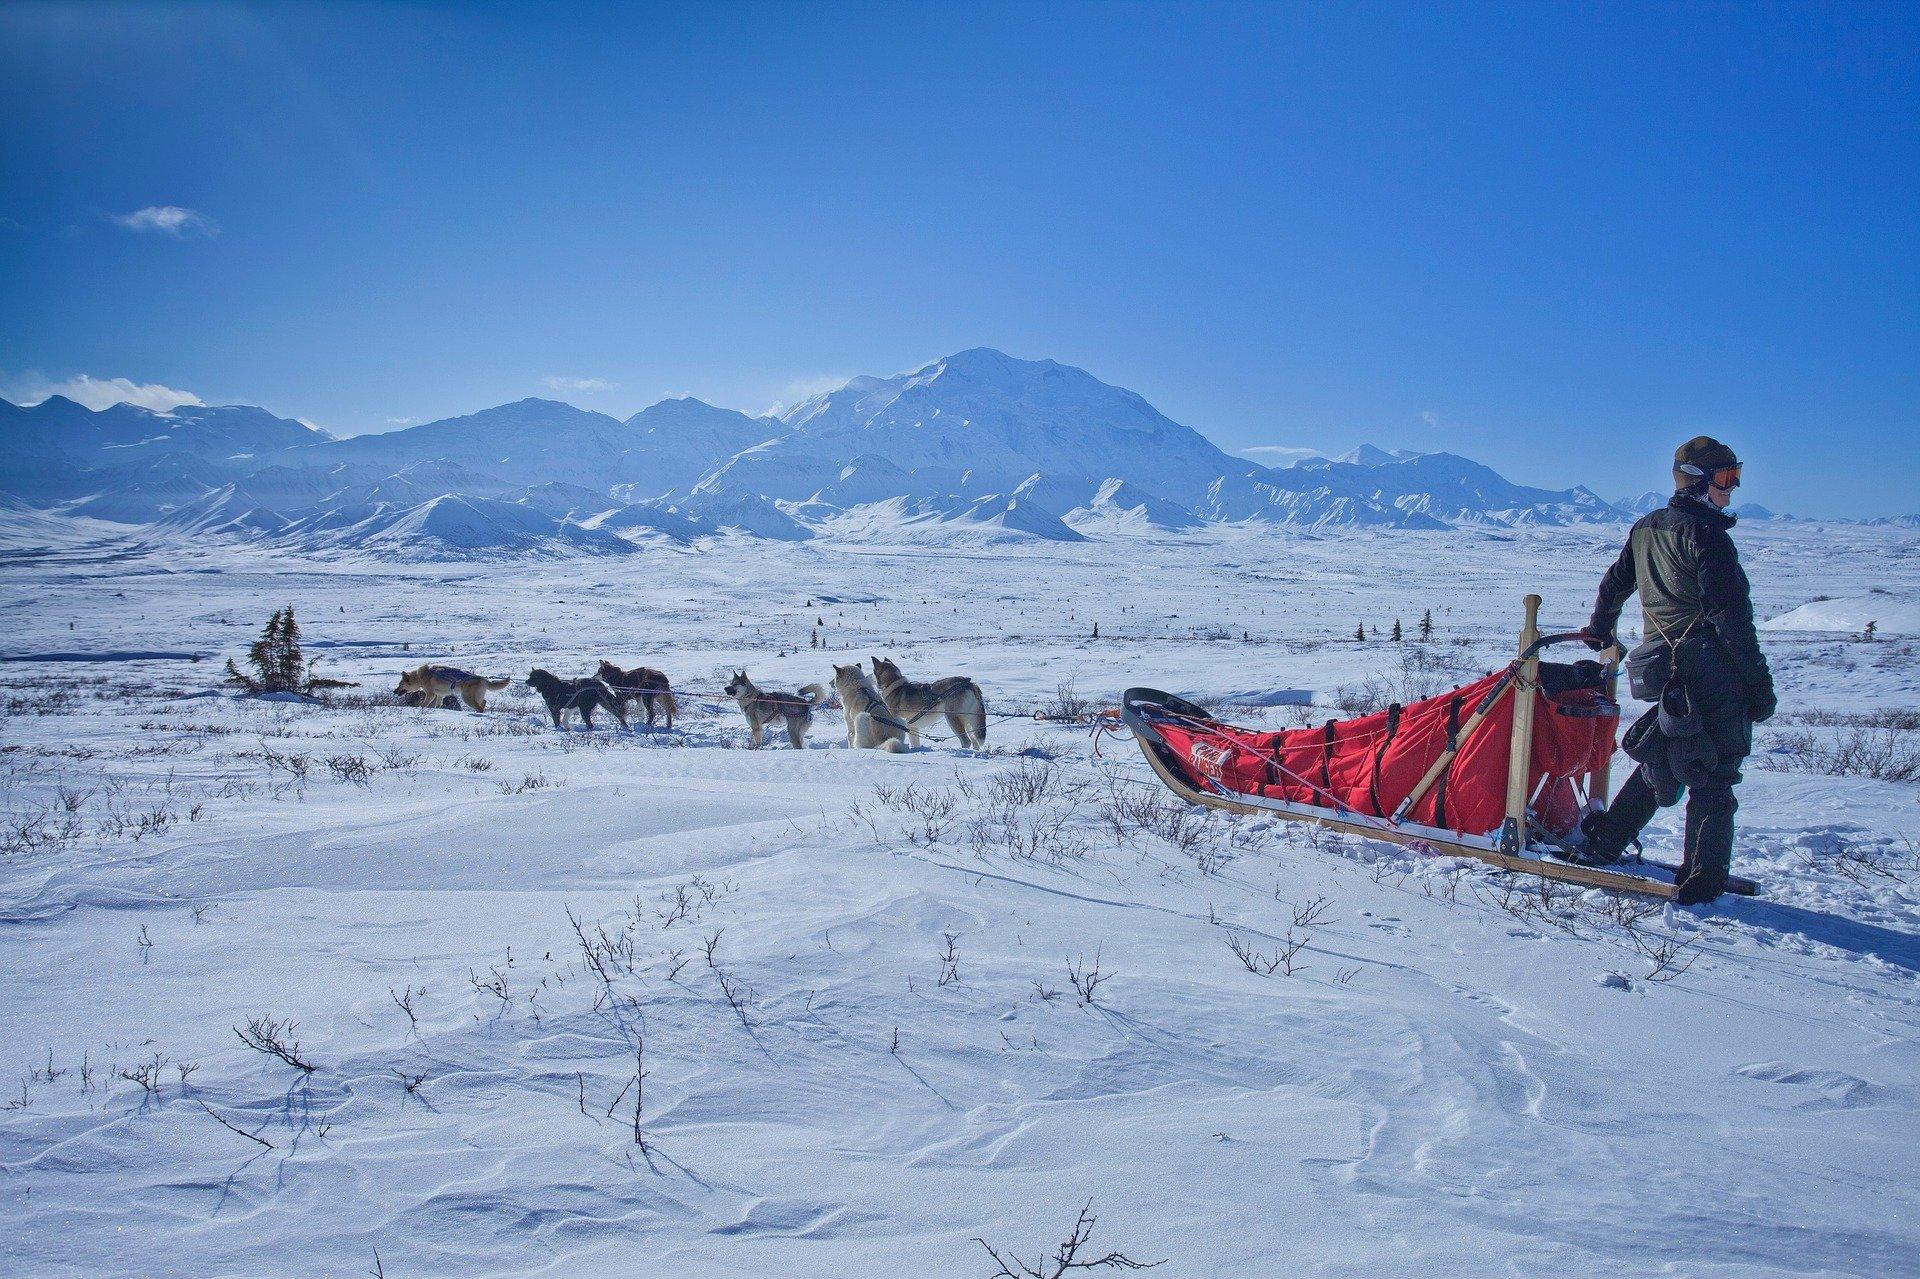 Usa-Denali-Alaska-dog-sled-1920